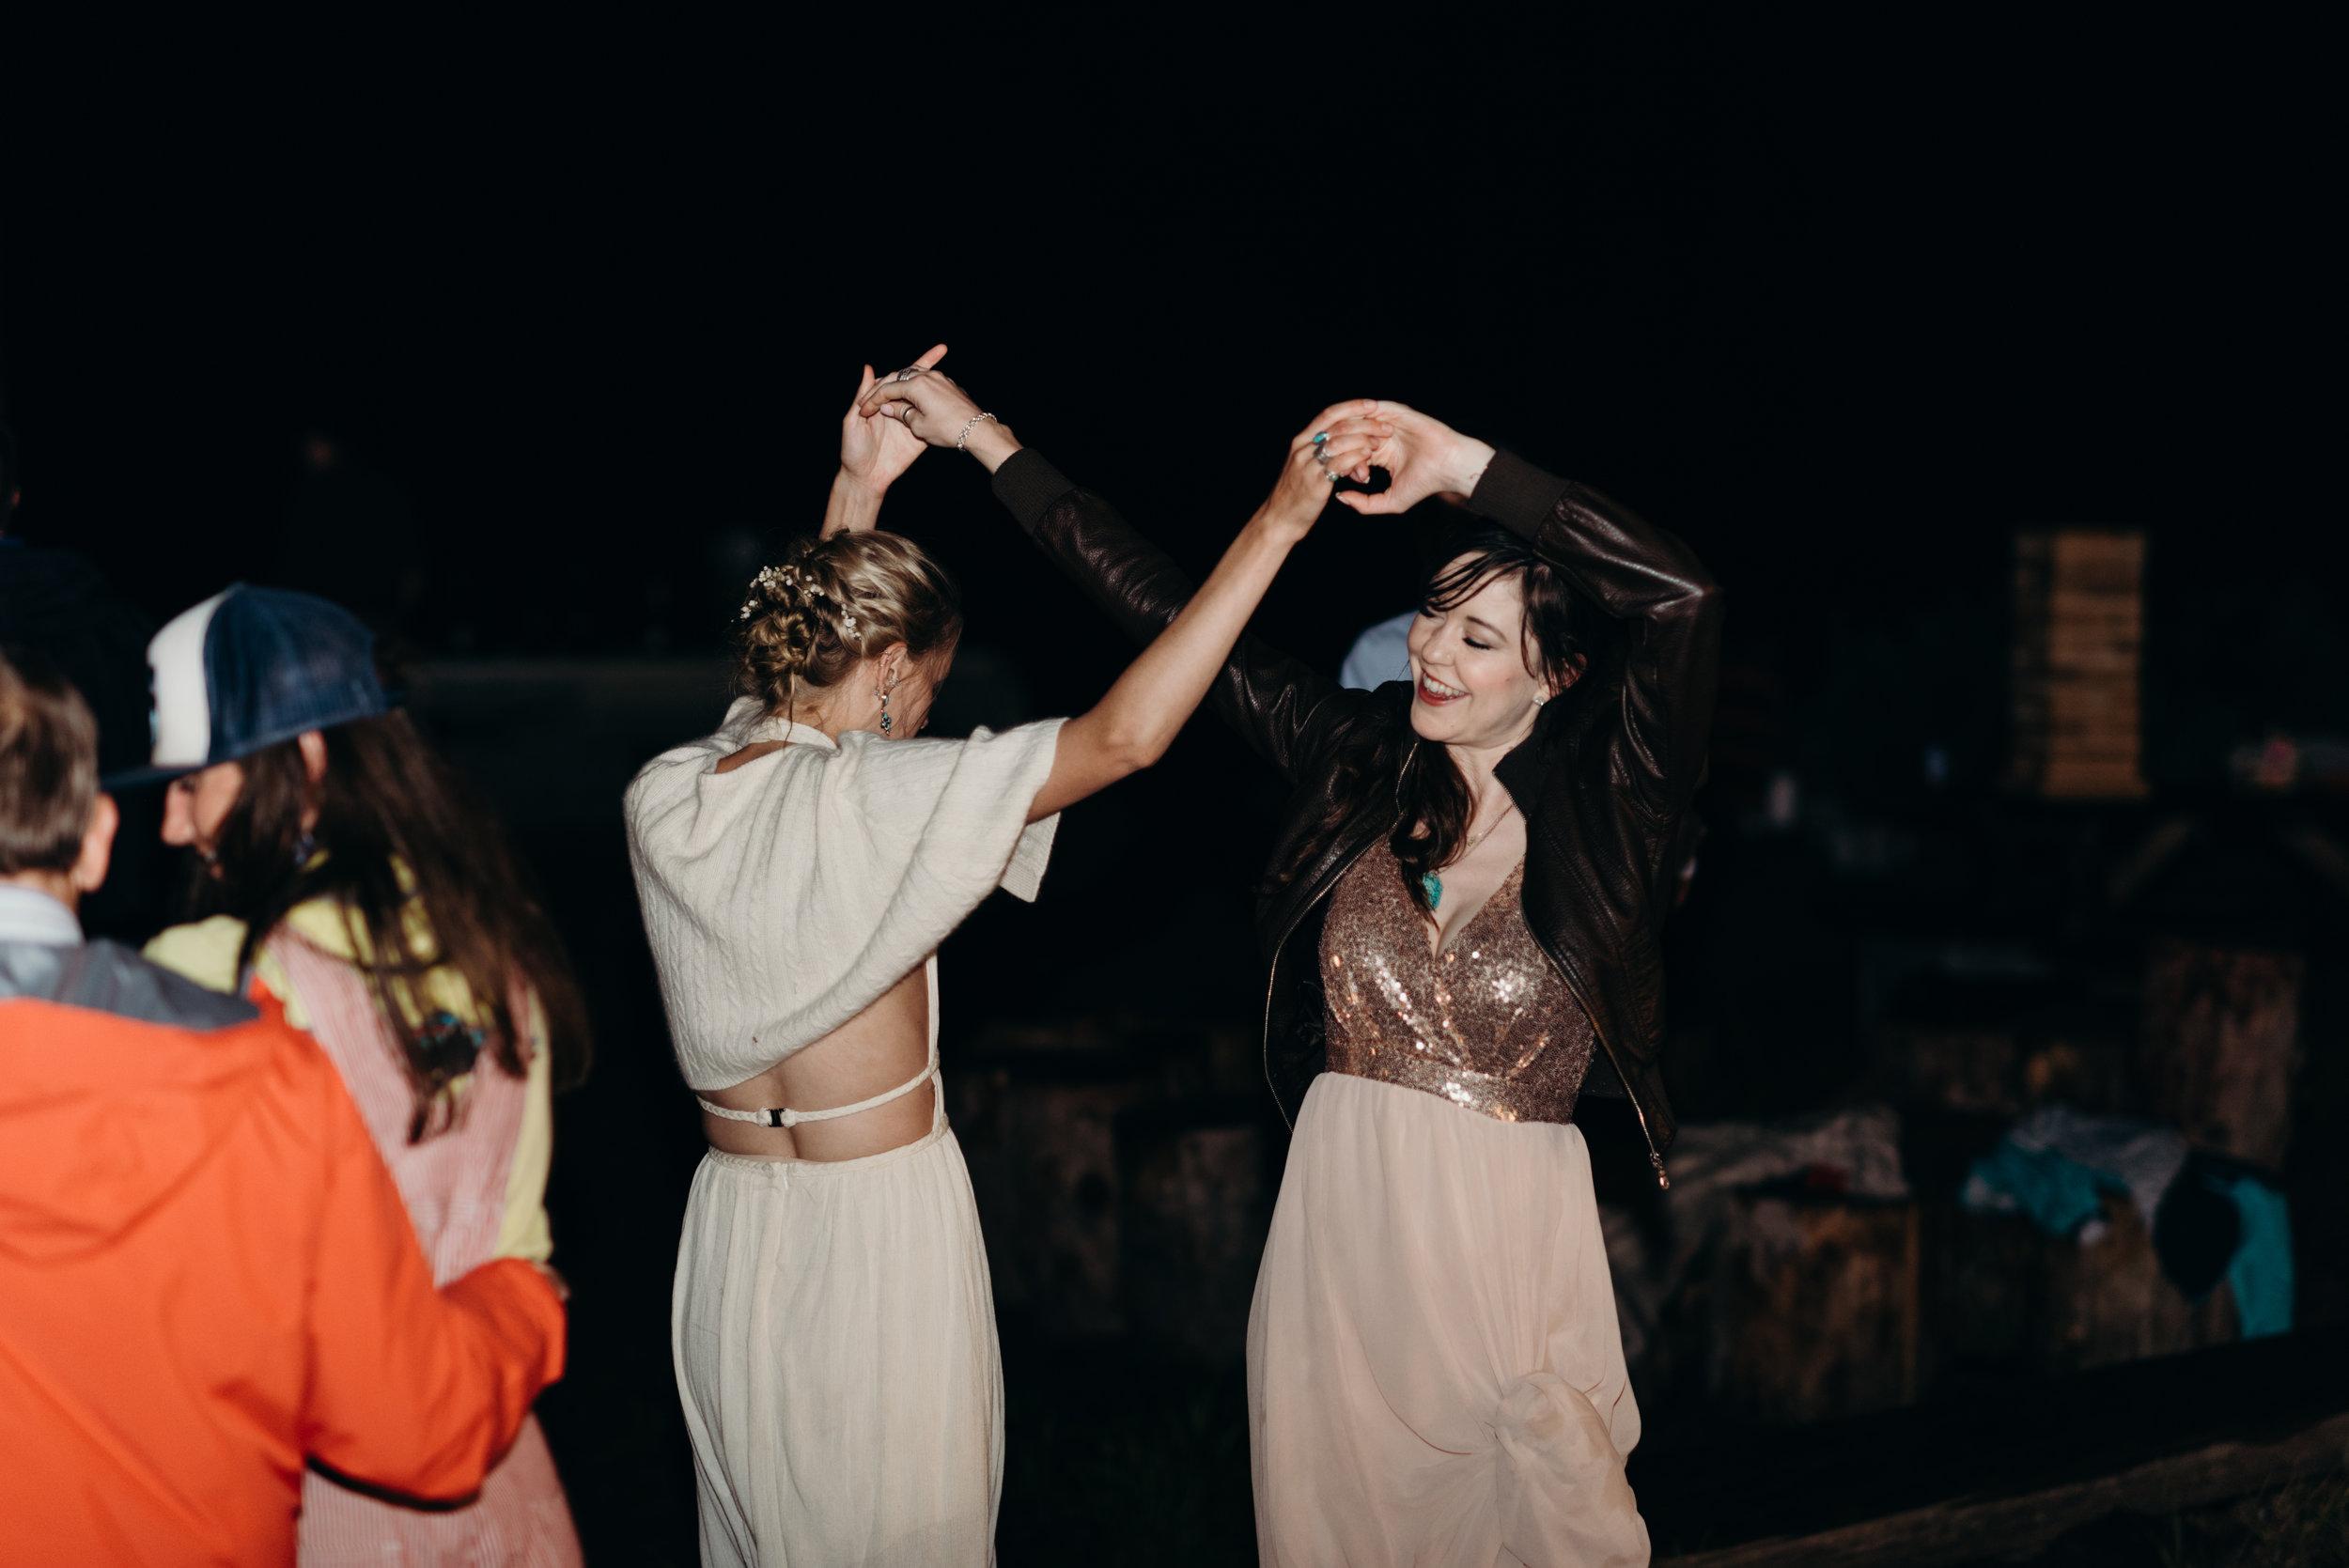 Dancing-44.jpg